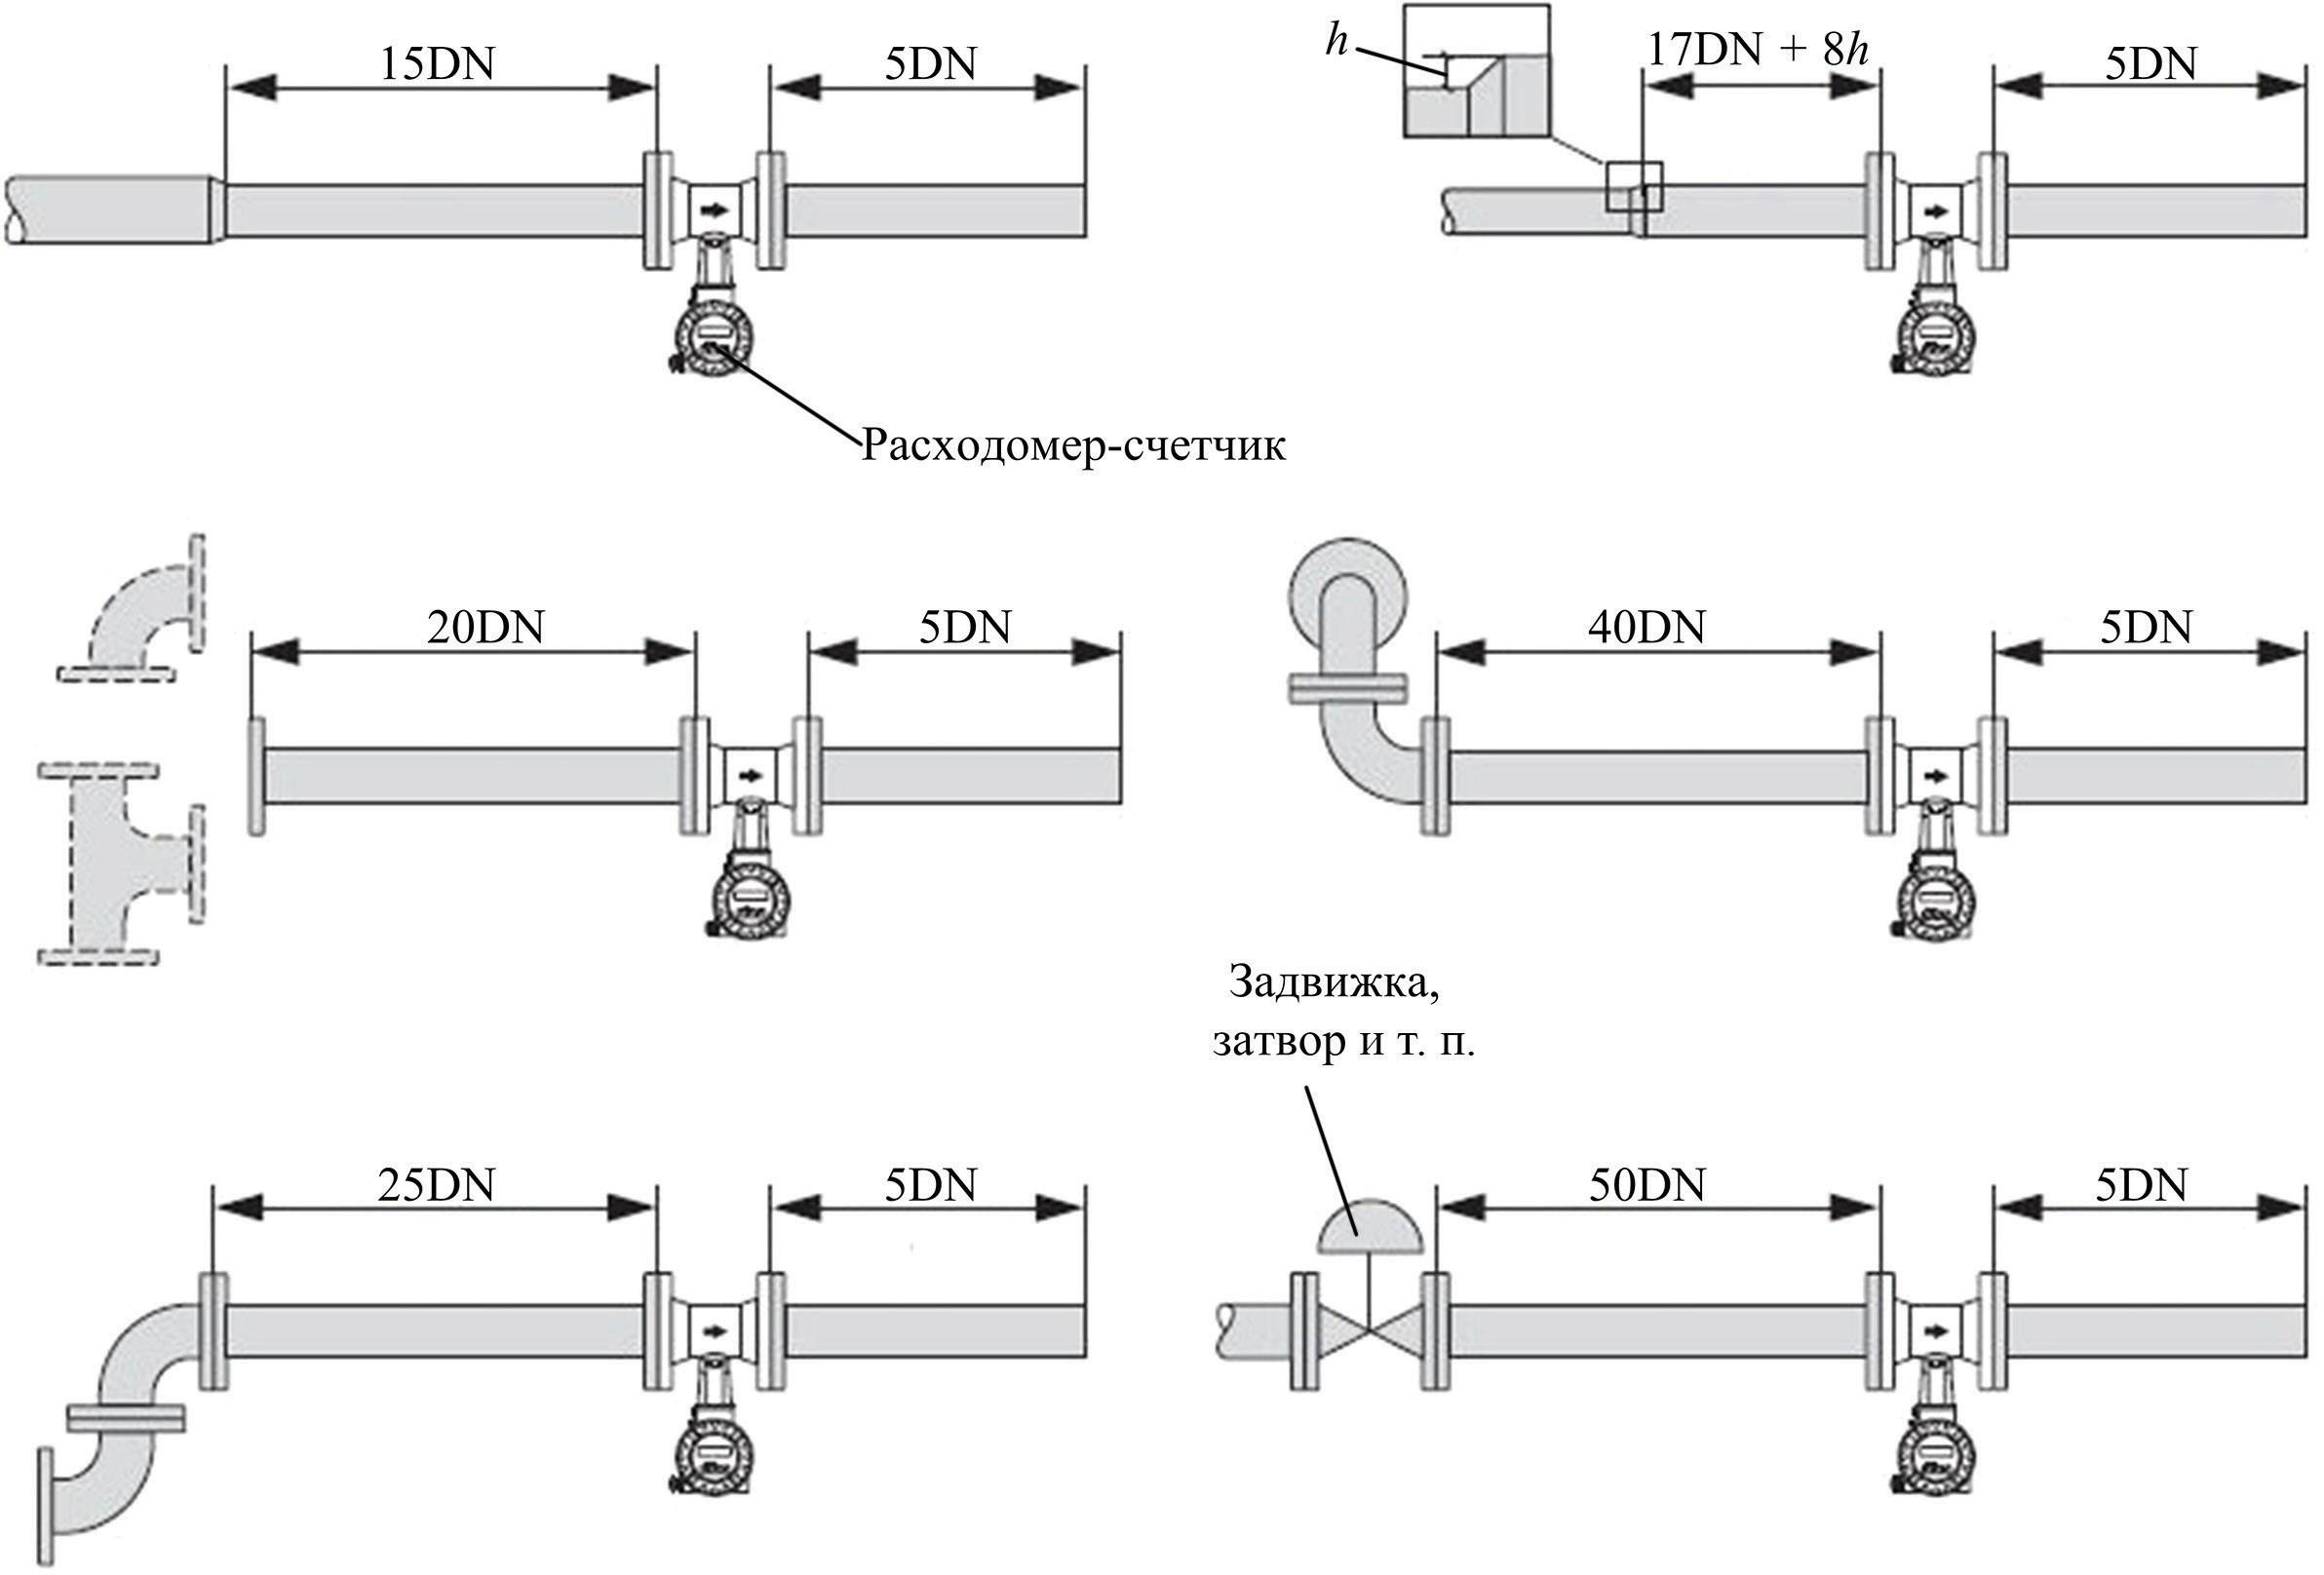 Рекомендуемые варианты размещения расходомера-счетчика на трубопроводе